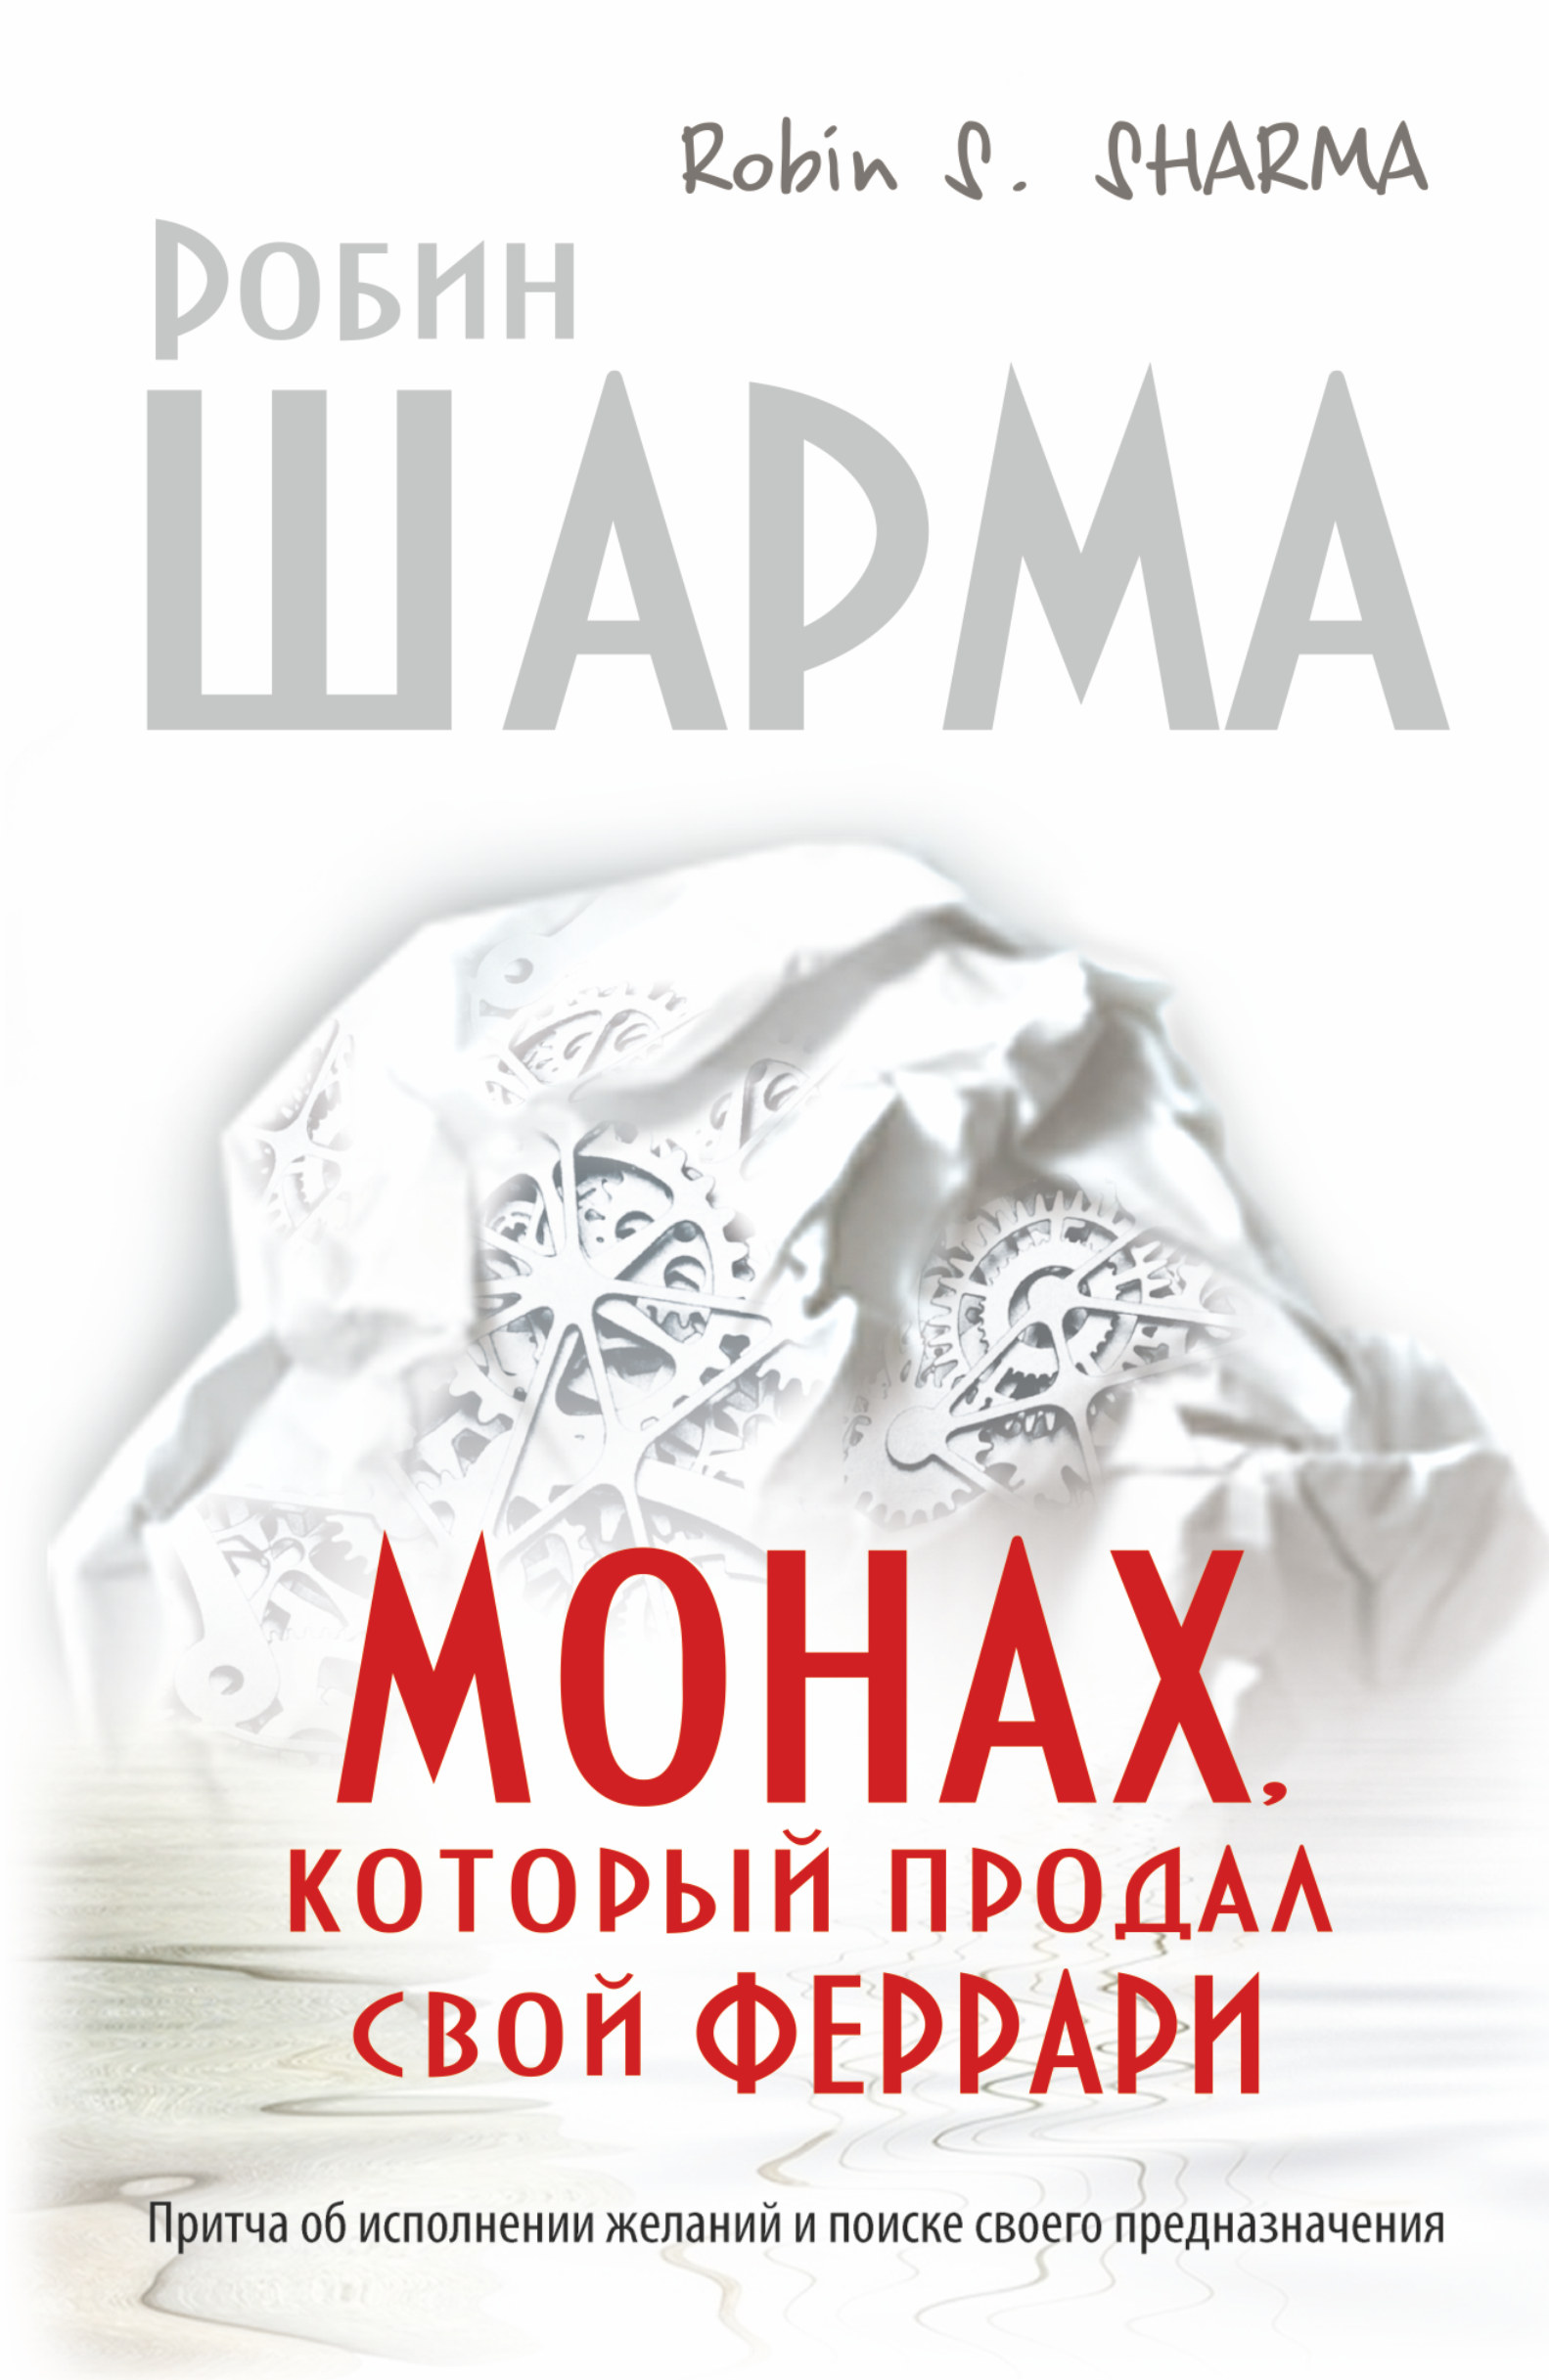 РОБИН ШАРМА МОНАХ КОТОРЫЙ ПРОДАЛ СВОЙ ФЕРРАРИ СКАЧАТЬ БЕСПЛАТНО